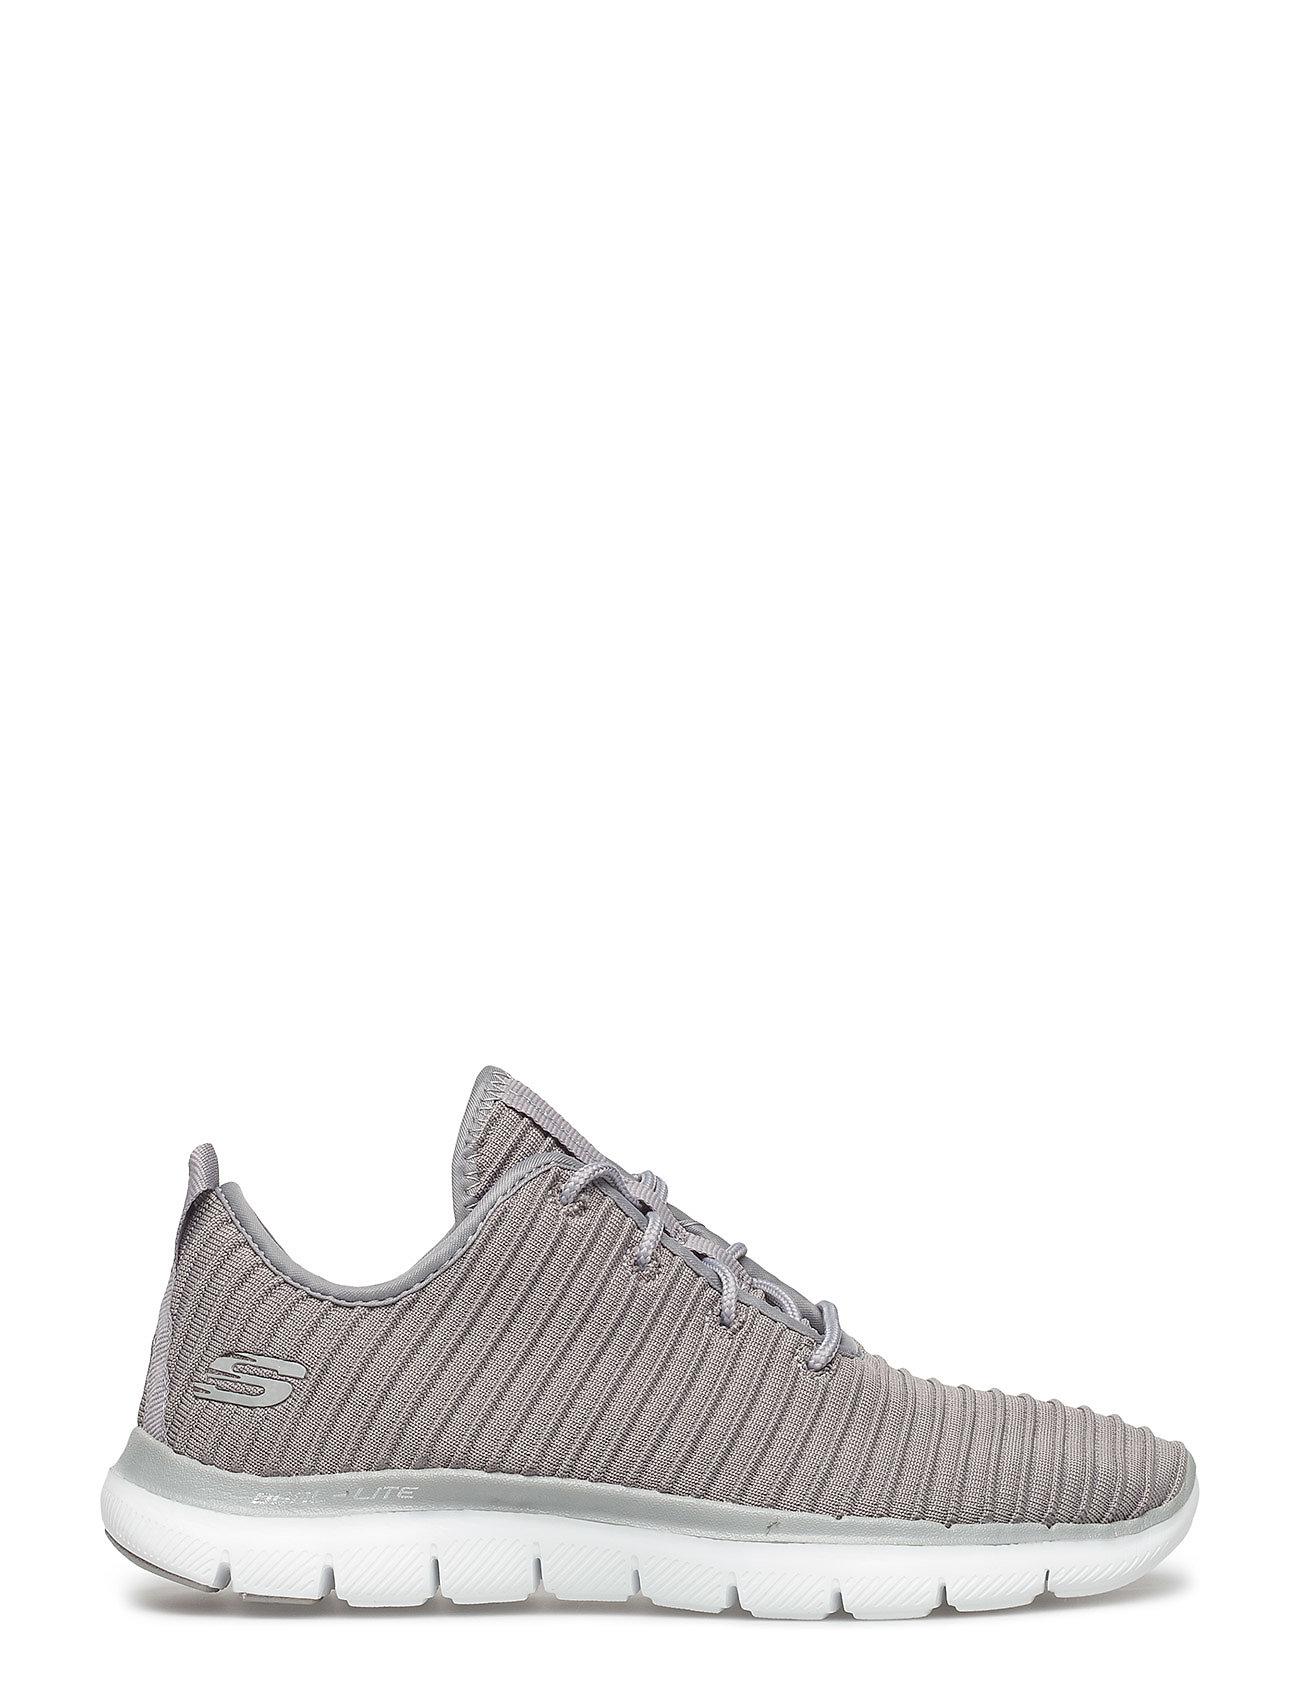 Womens Flex Appeal 2.0 - Estates Low-top Sneakers Grå Skechers